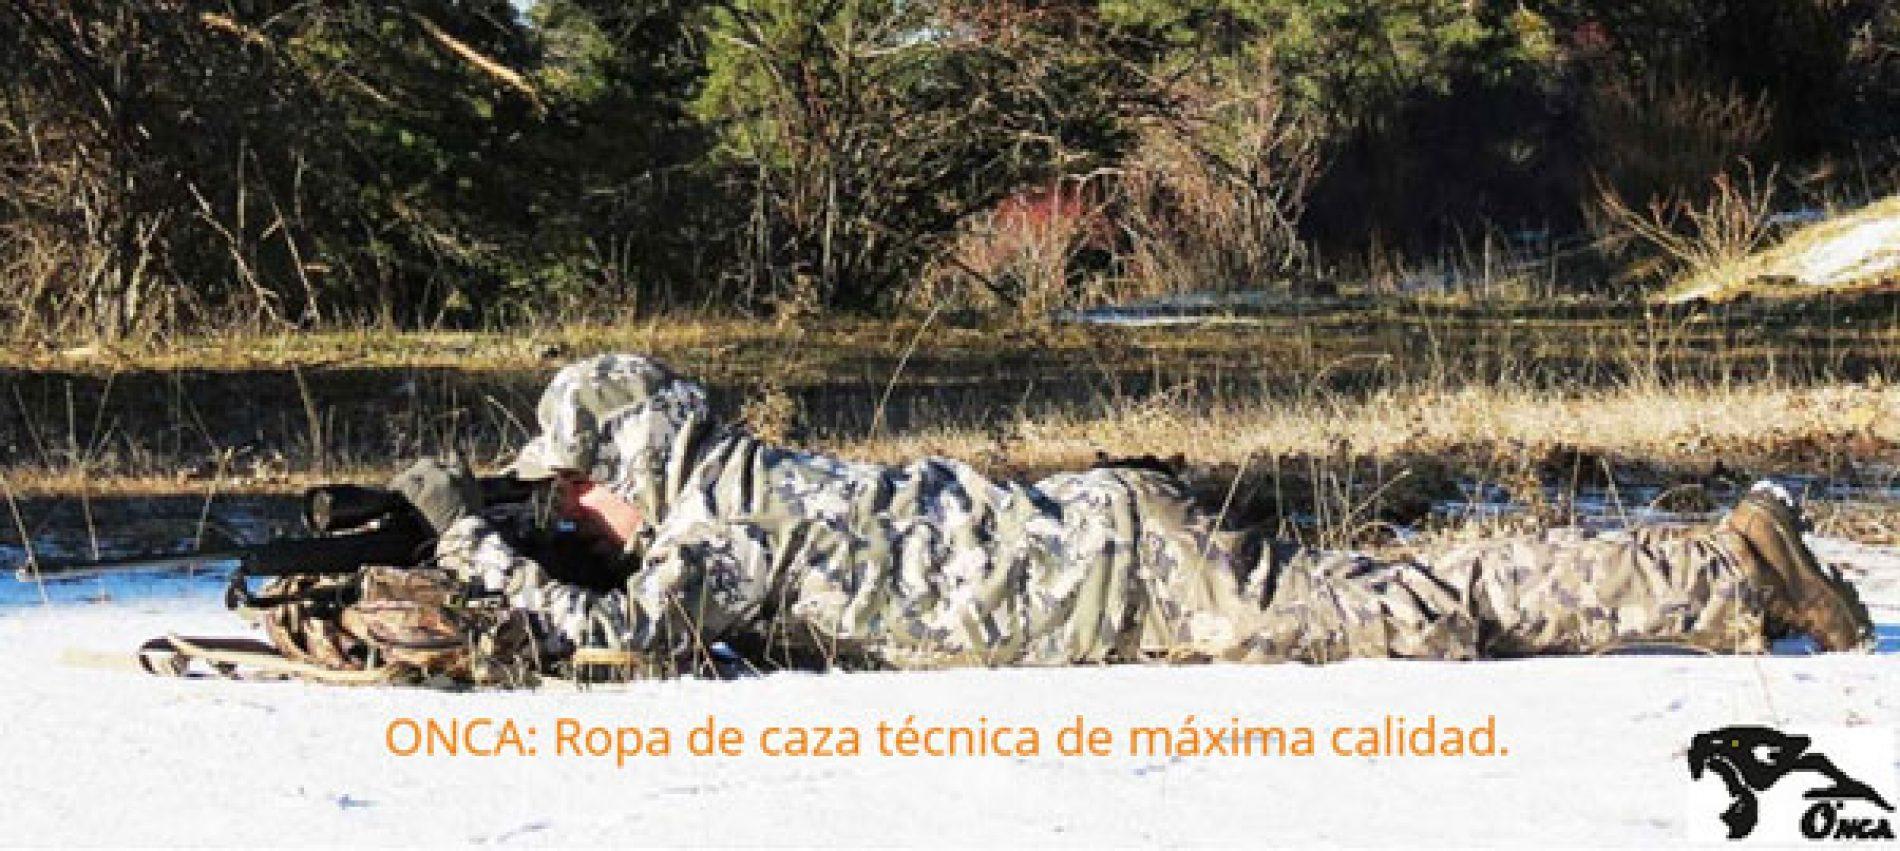 Onca presentará su colección de ropa y novedades el día 23 en Madrid